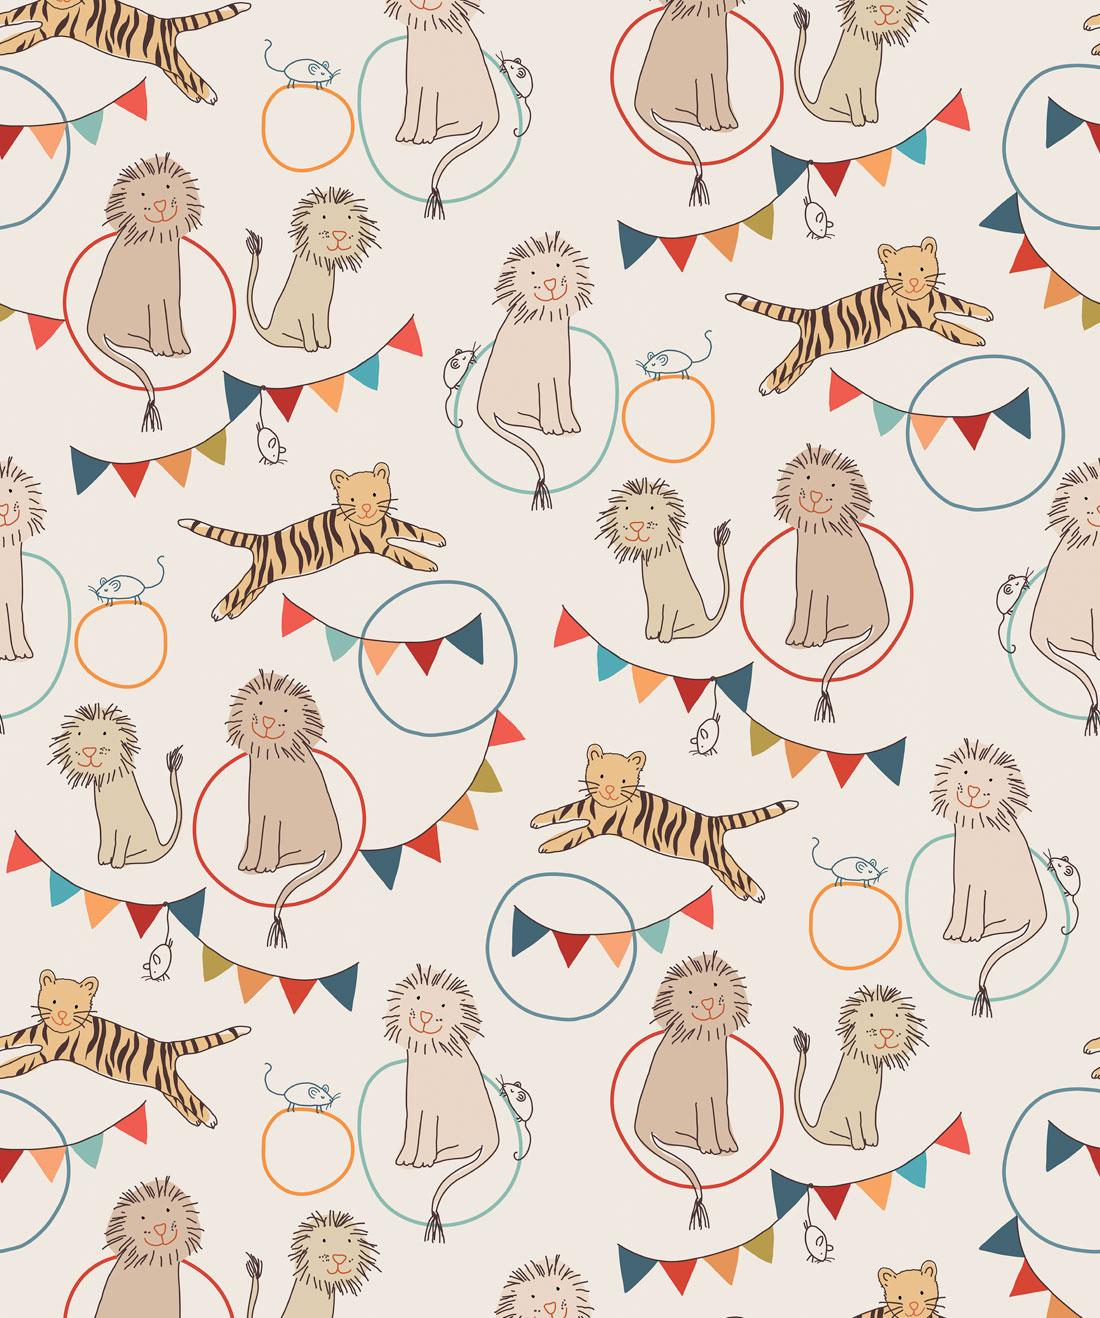 Lions & Tigers Wallpaper